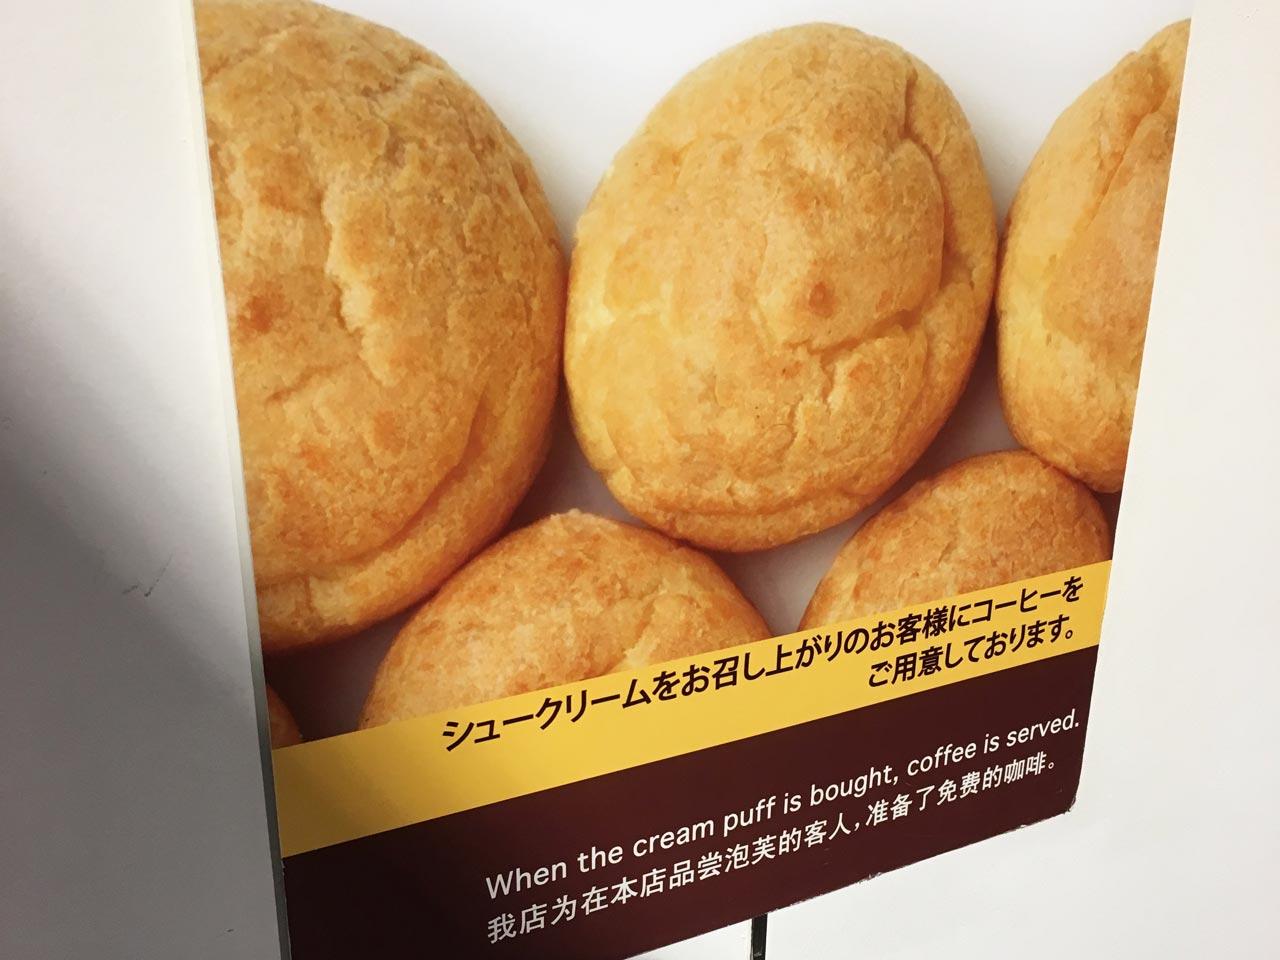 シュークリーム小樽六花亭2Fカフェ